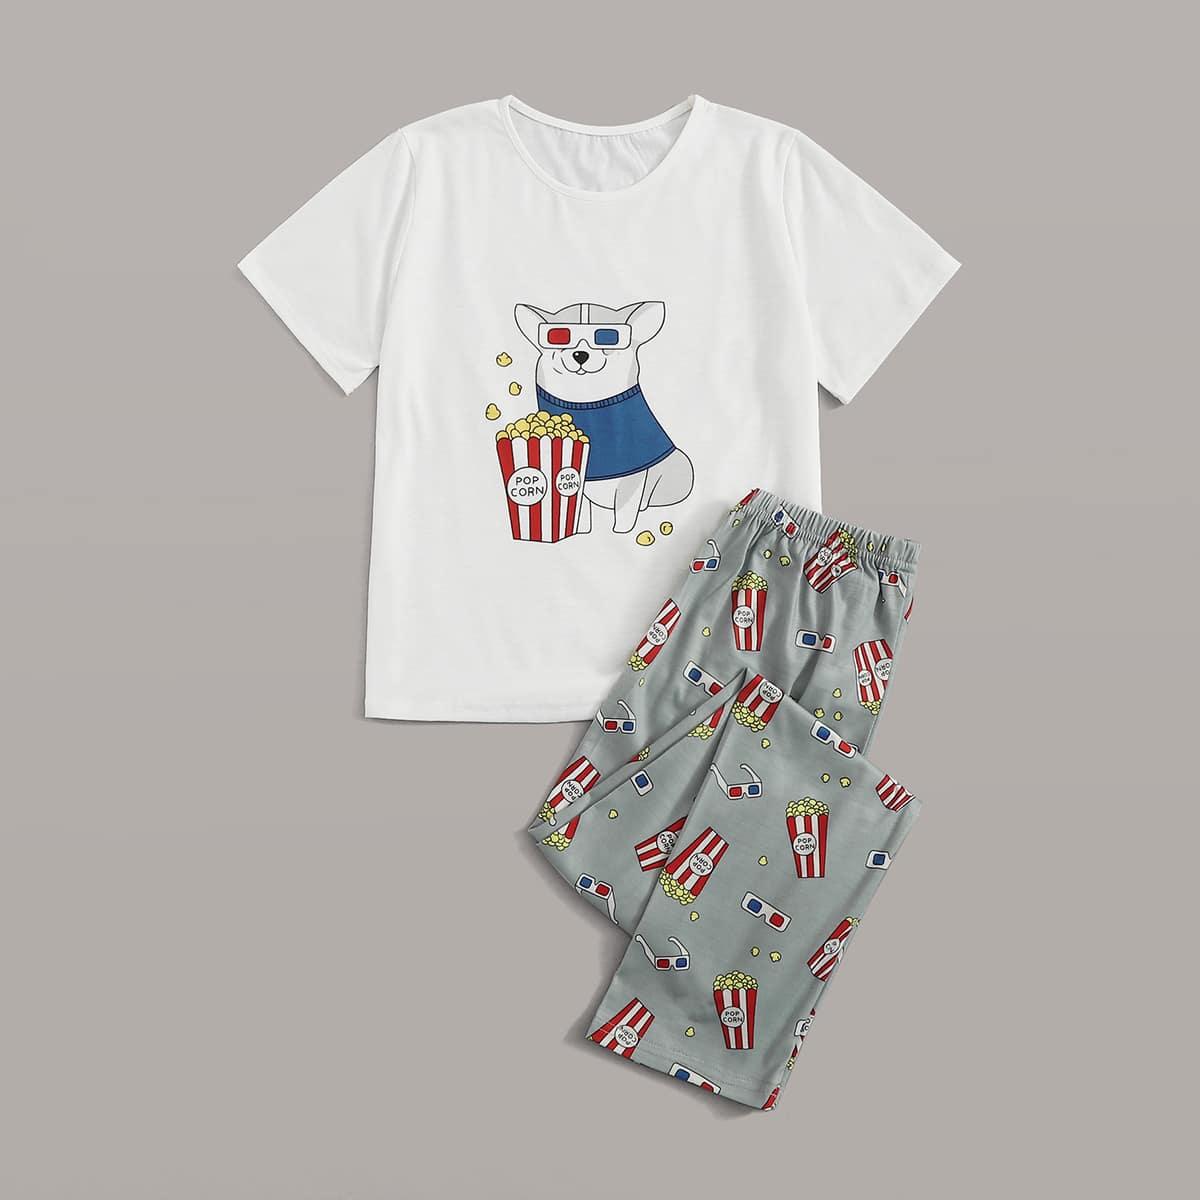 Пижама с принтом собаки и попкорна для мальчиков от SHEIN